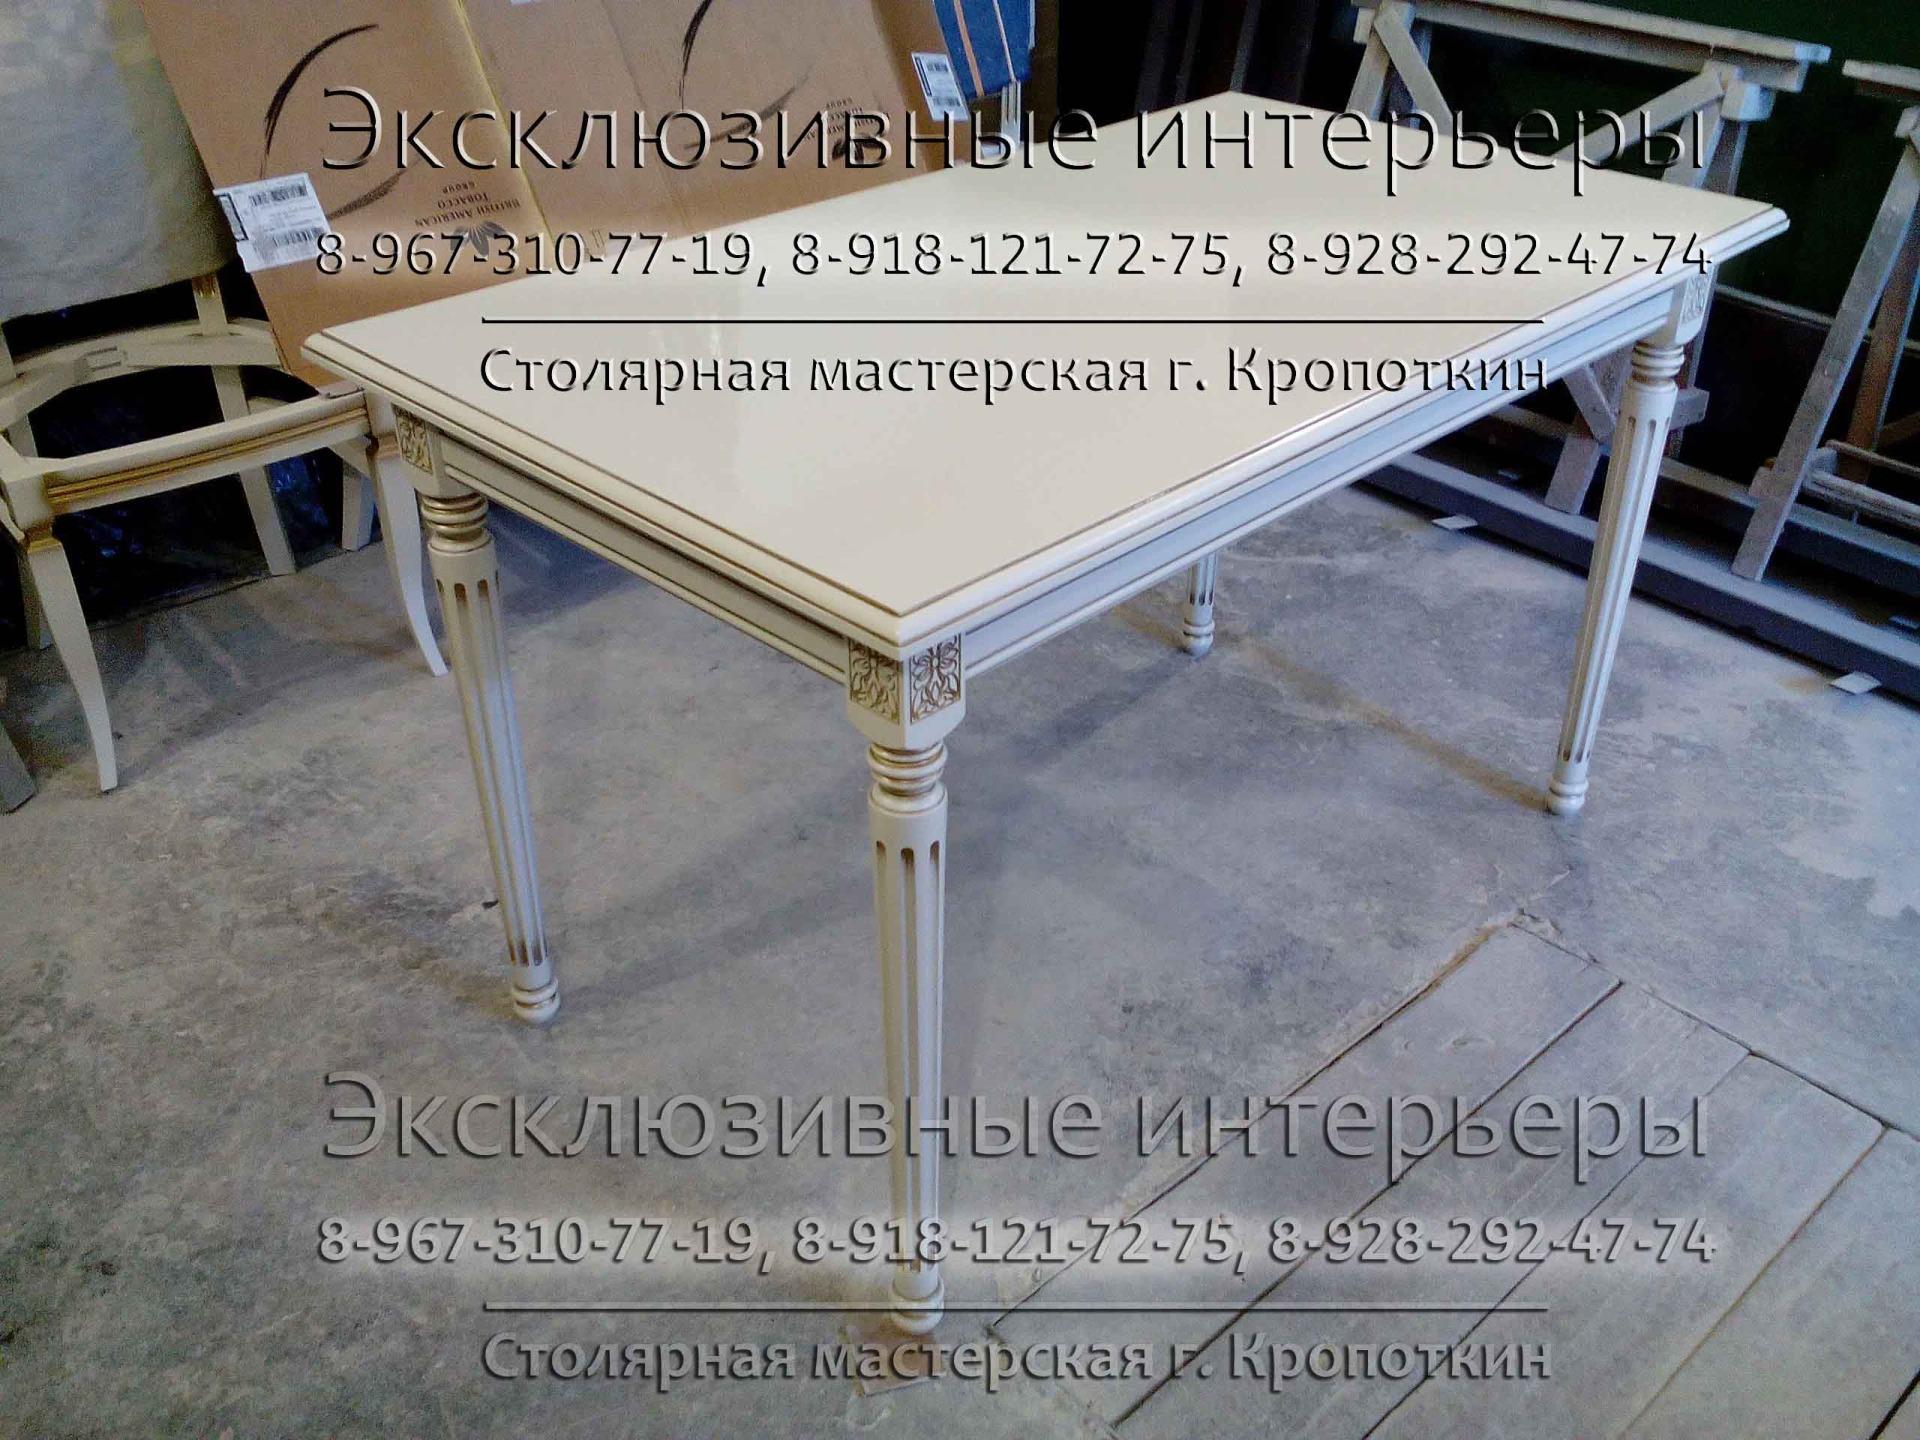 Деревянная мебель в классическом современном стиле купить на заказ в Кропоткине